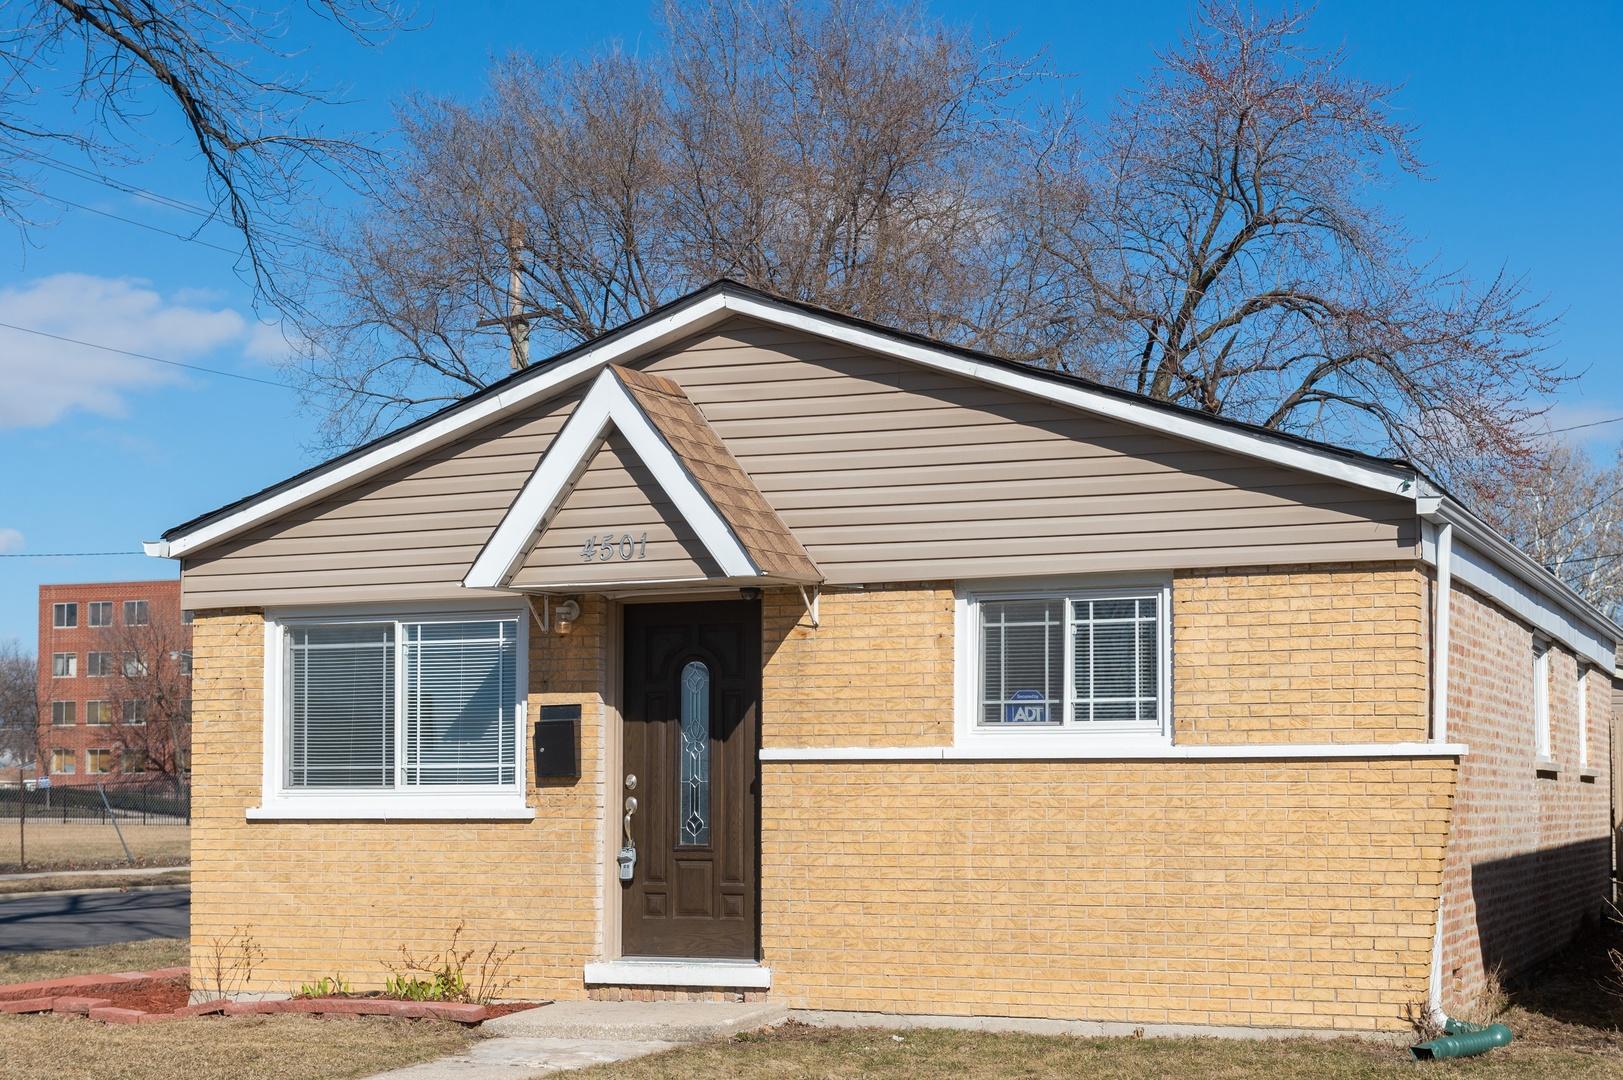 4501 S La Crosse Exterior Photo